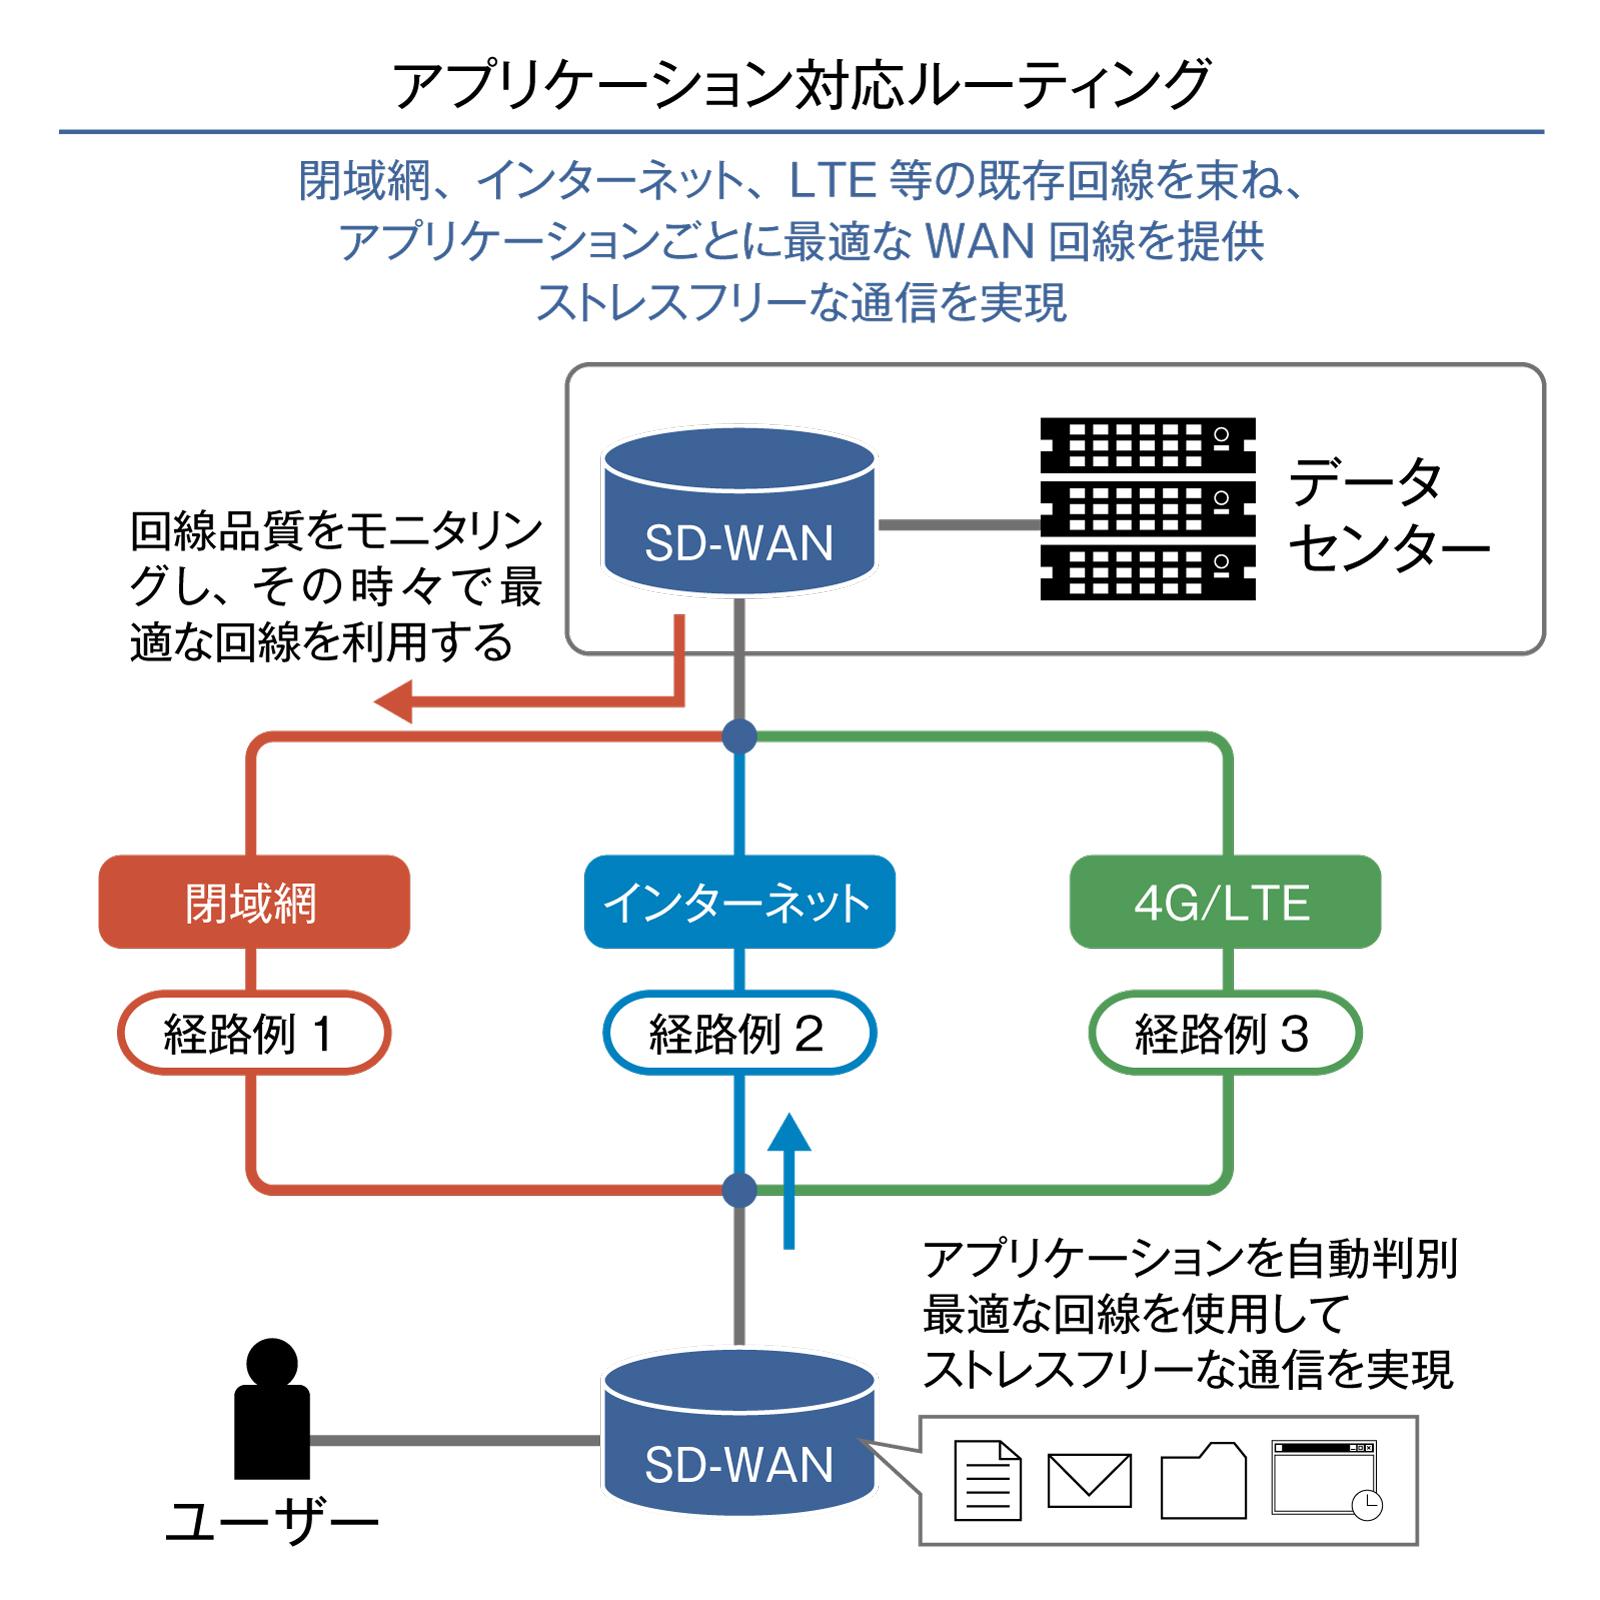 図3 「S-Port X(クロス)コネクト SD-WAN」のアプリケーション対応